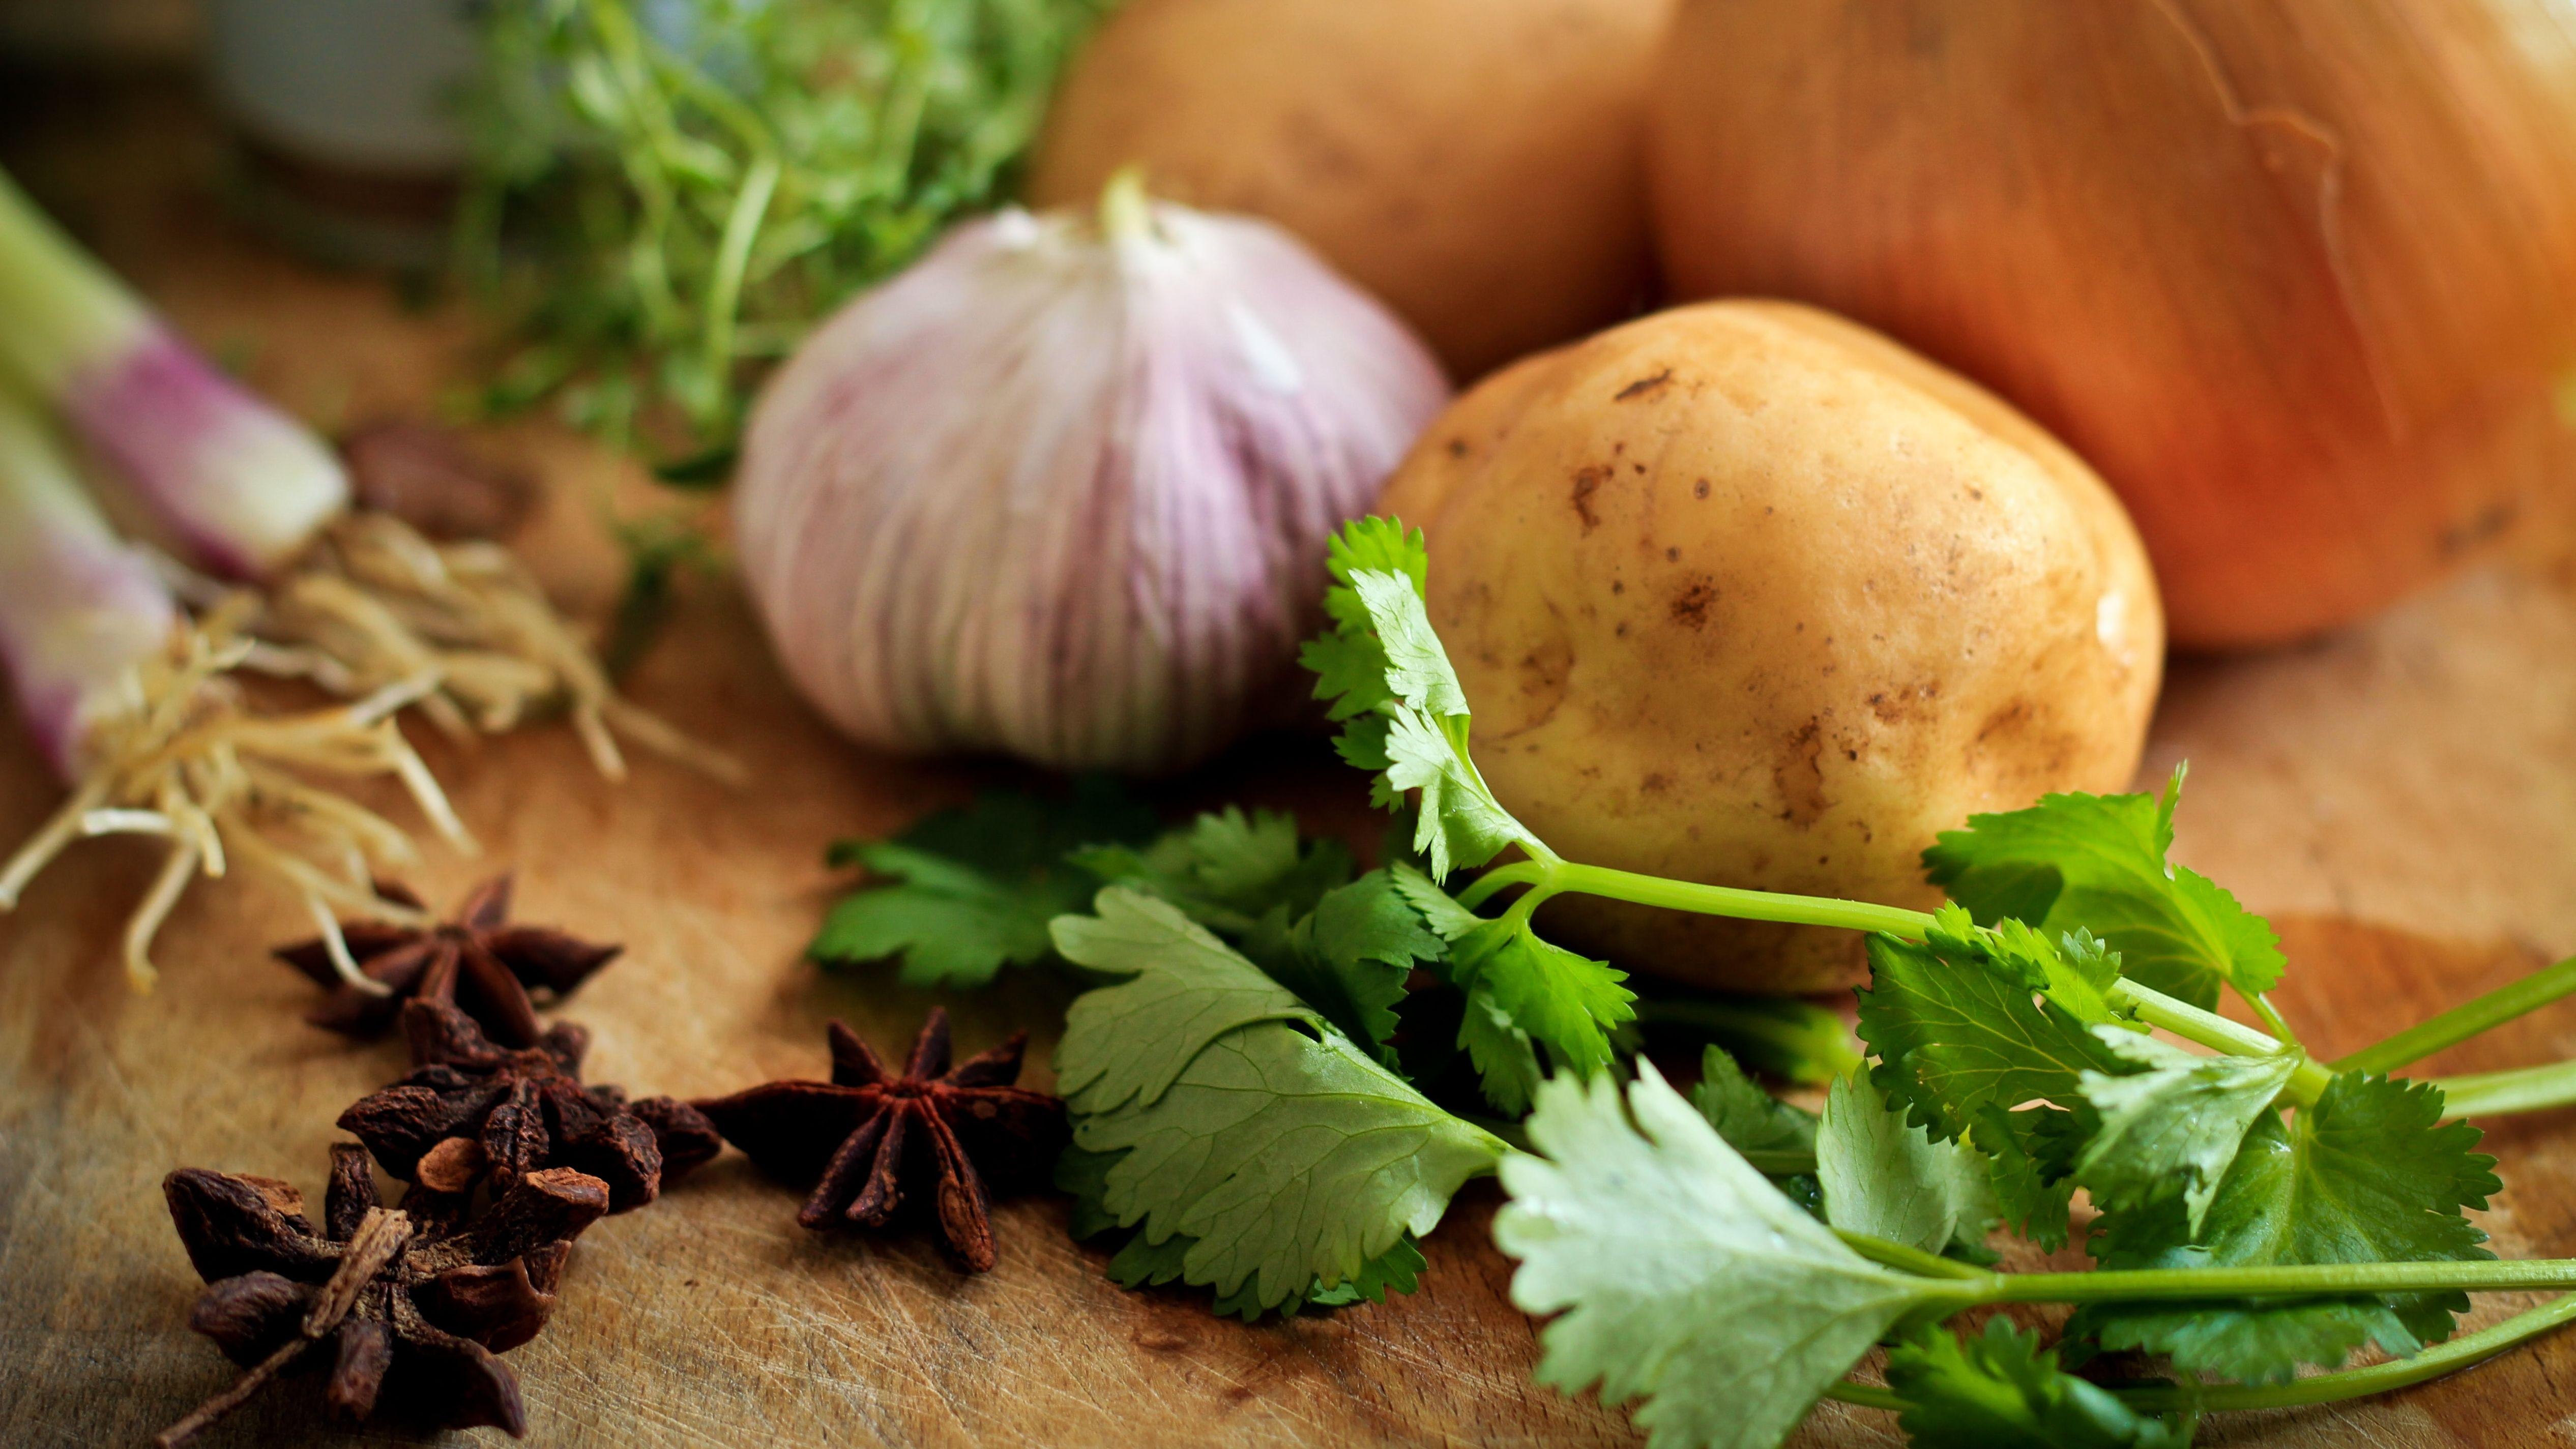 Nelken, Kartoffel, Knoblauch und Zwiebel auf einem Holzbrett